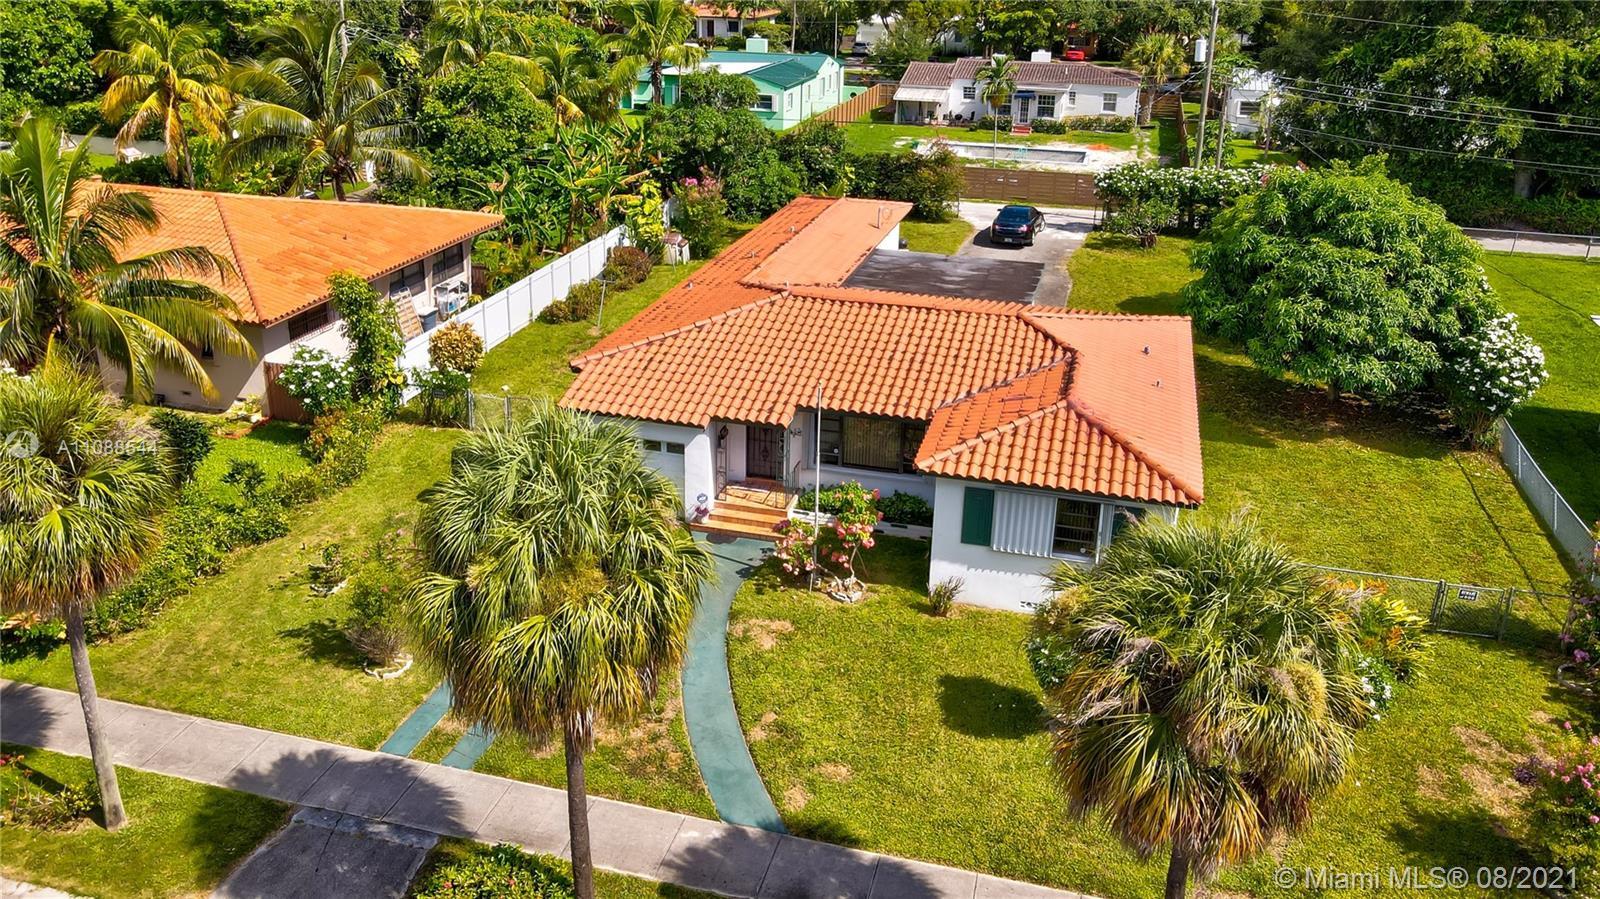 Miami Shores - 65 NW 95th St, Miami Shores, FL 33150